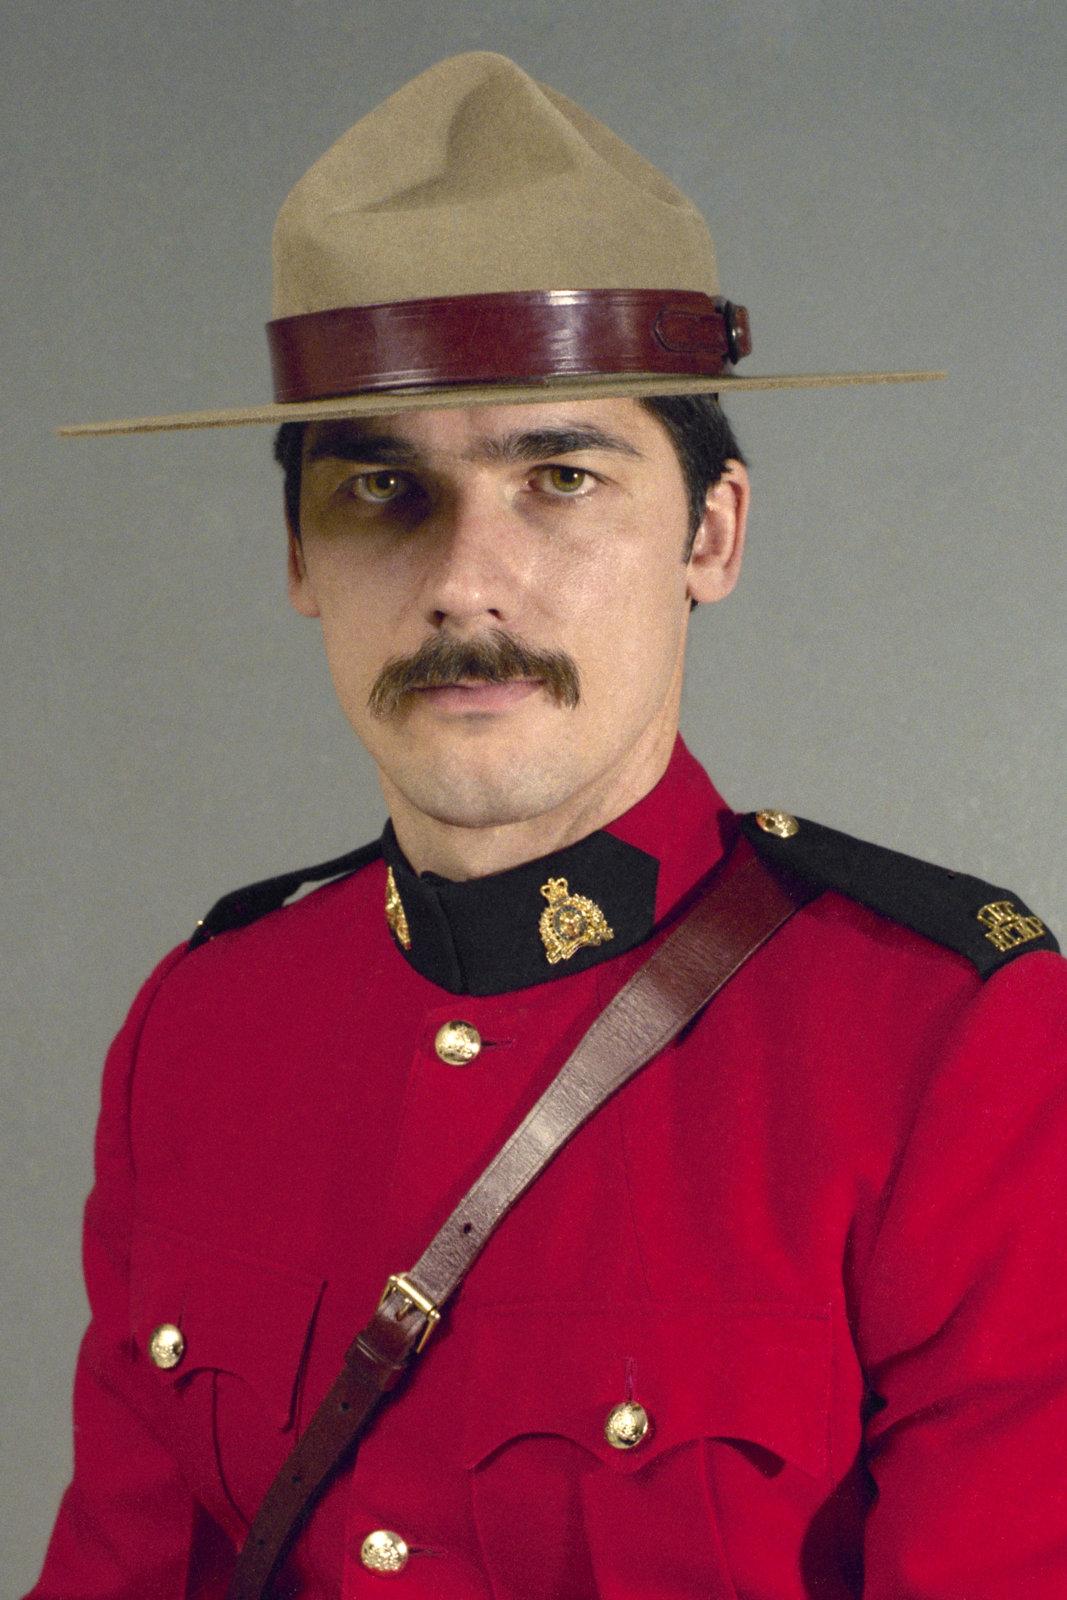 Caporal Derek John Flanagan – © Sa Majesté la Reine du chef du Canada représentée par la Gendarmerie royale du Canada